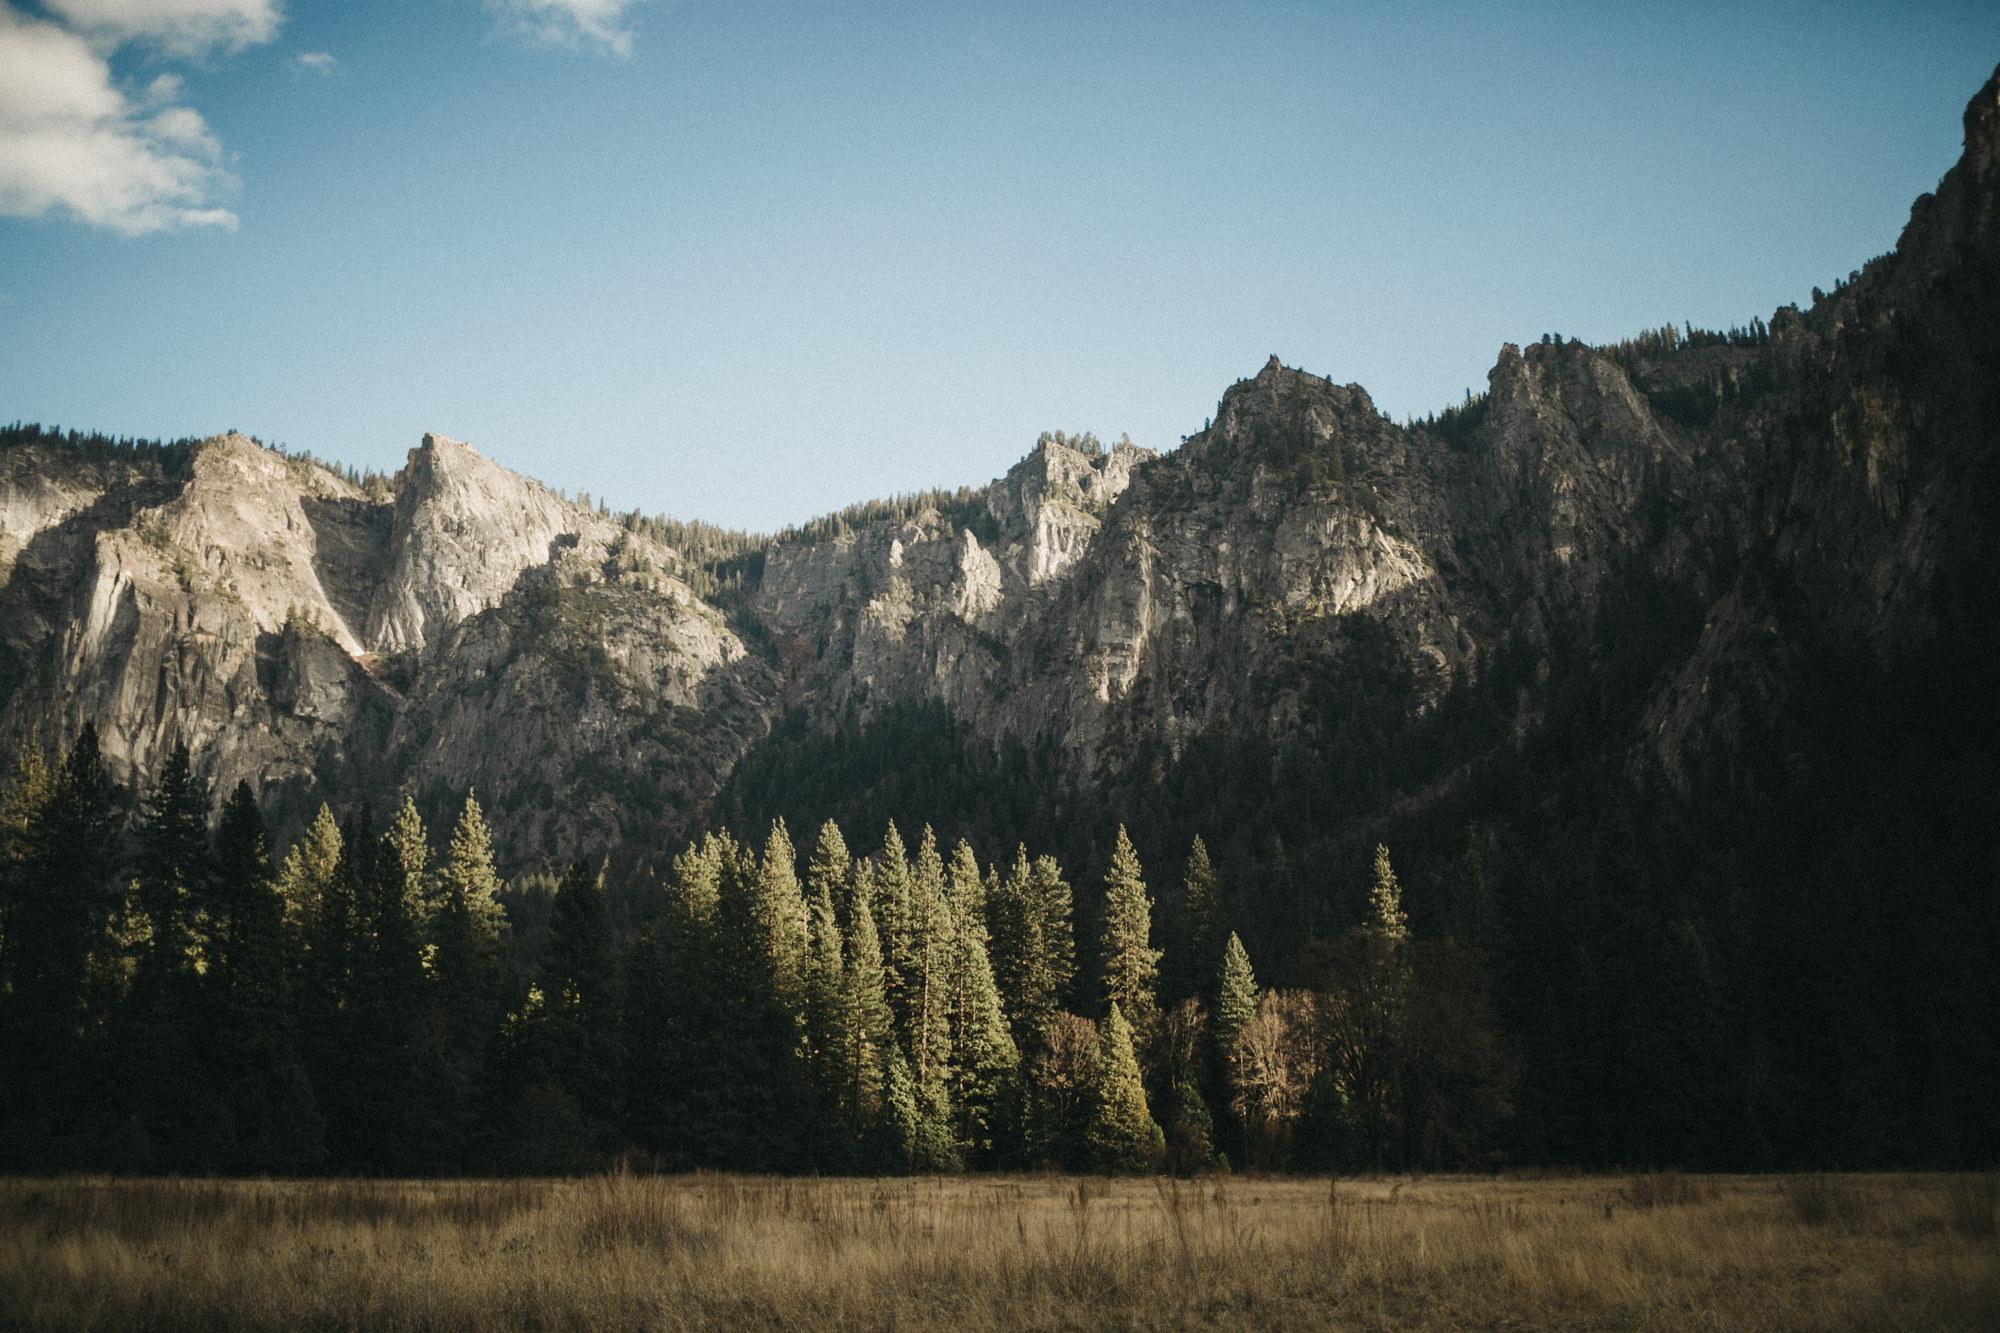 Valley floor of Yosemite